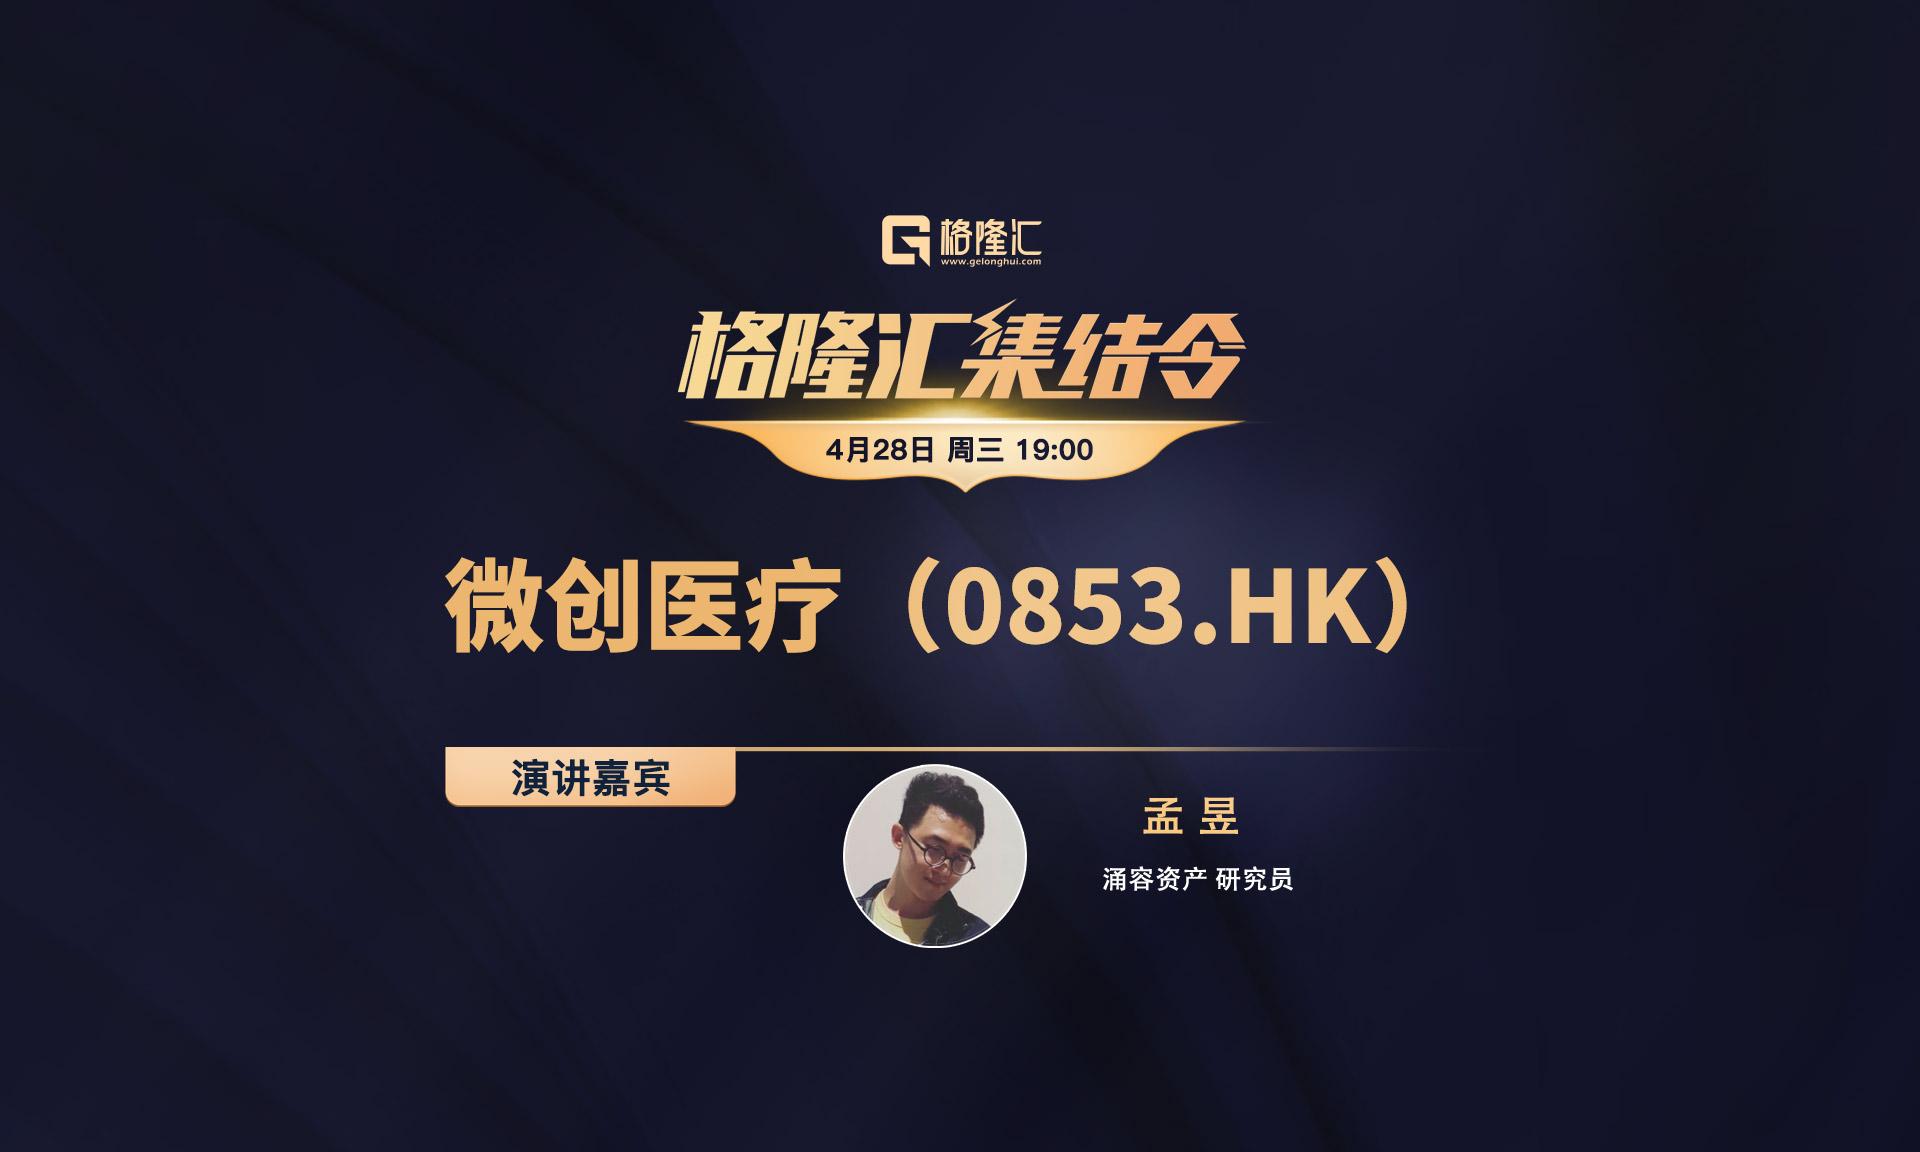 #格隆汇集结令#微创医疗(0853.HK)